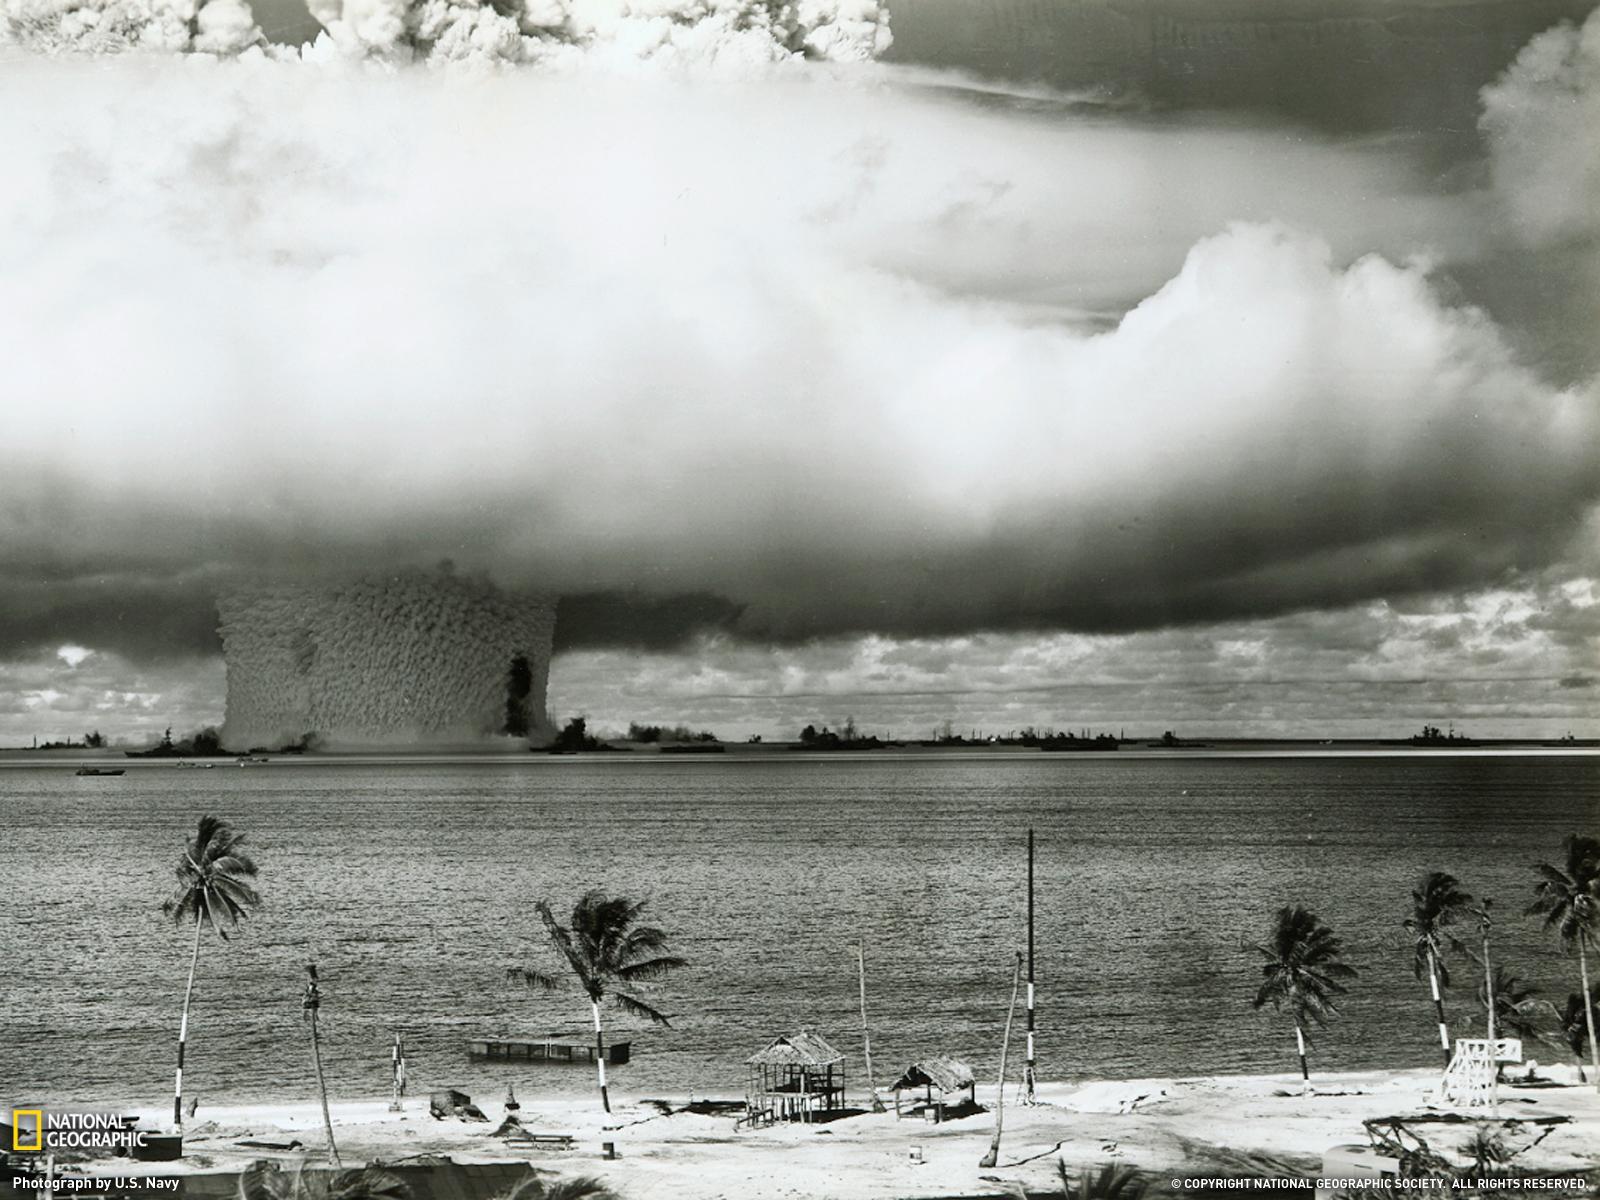 http://3.bp.blogspot.com/-zVyMtgTrQCk/Tb-HV33npZI/AAAAAAAAAQE/uRHO60y1xkw/s1600/8003_1600x1200-wallpaper-Atom+Bomb+Test%2C+wow+Atoll.jpg